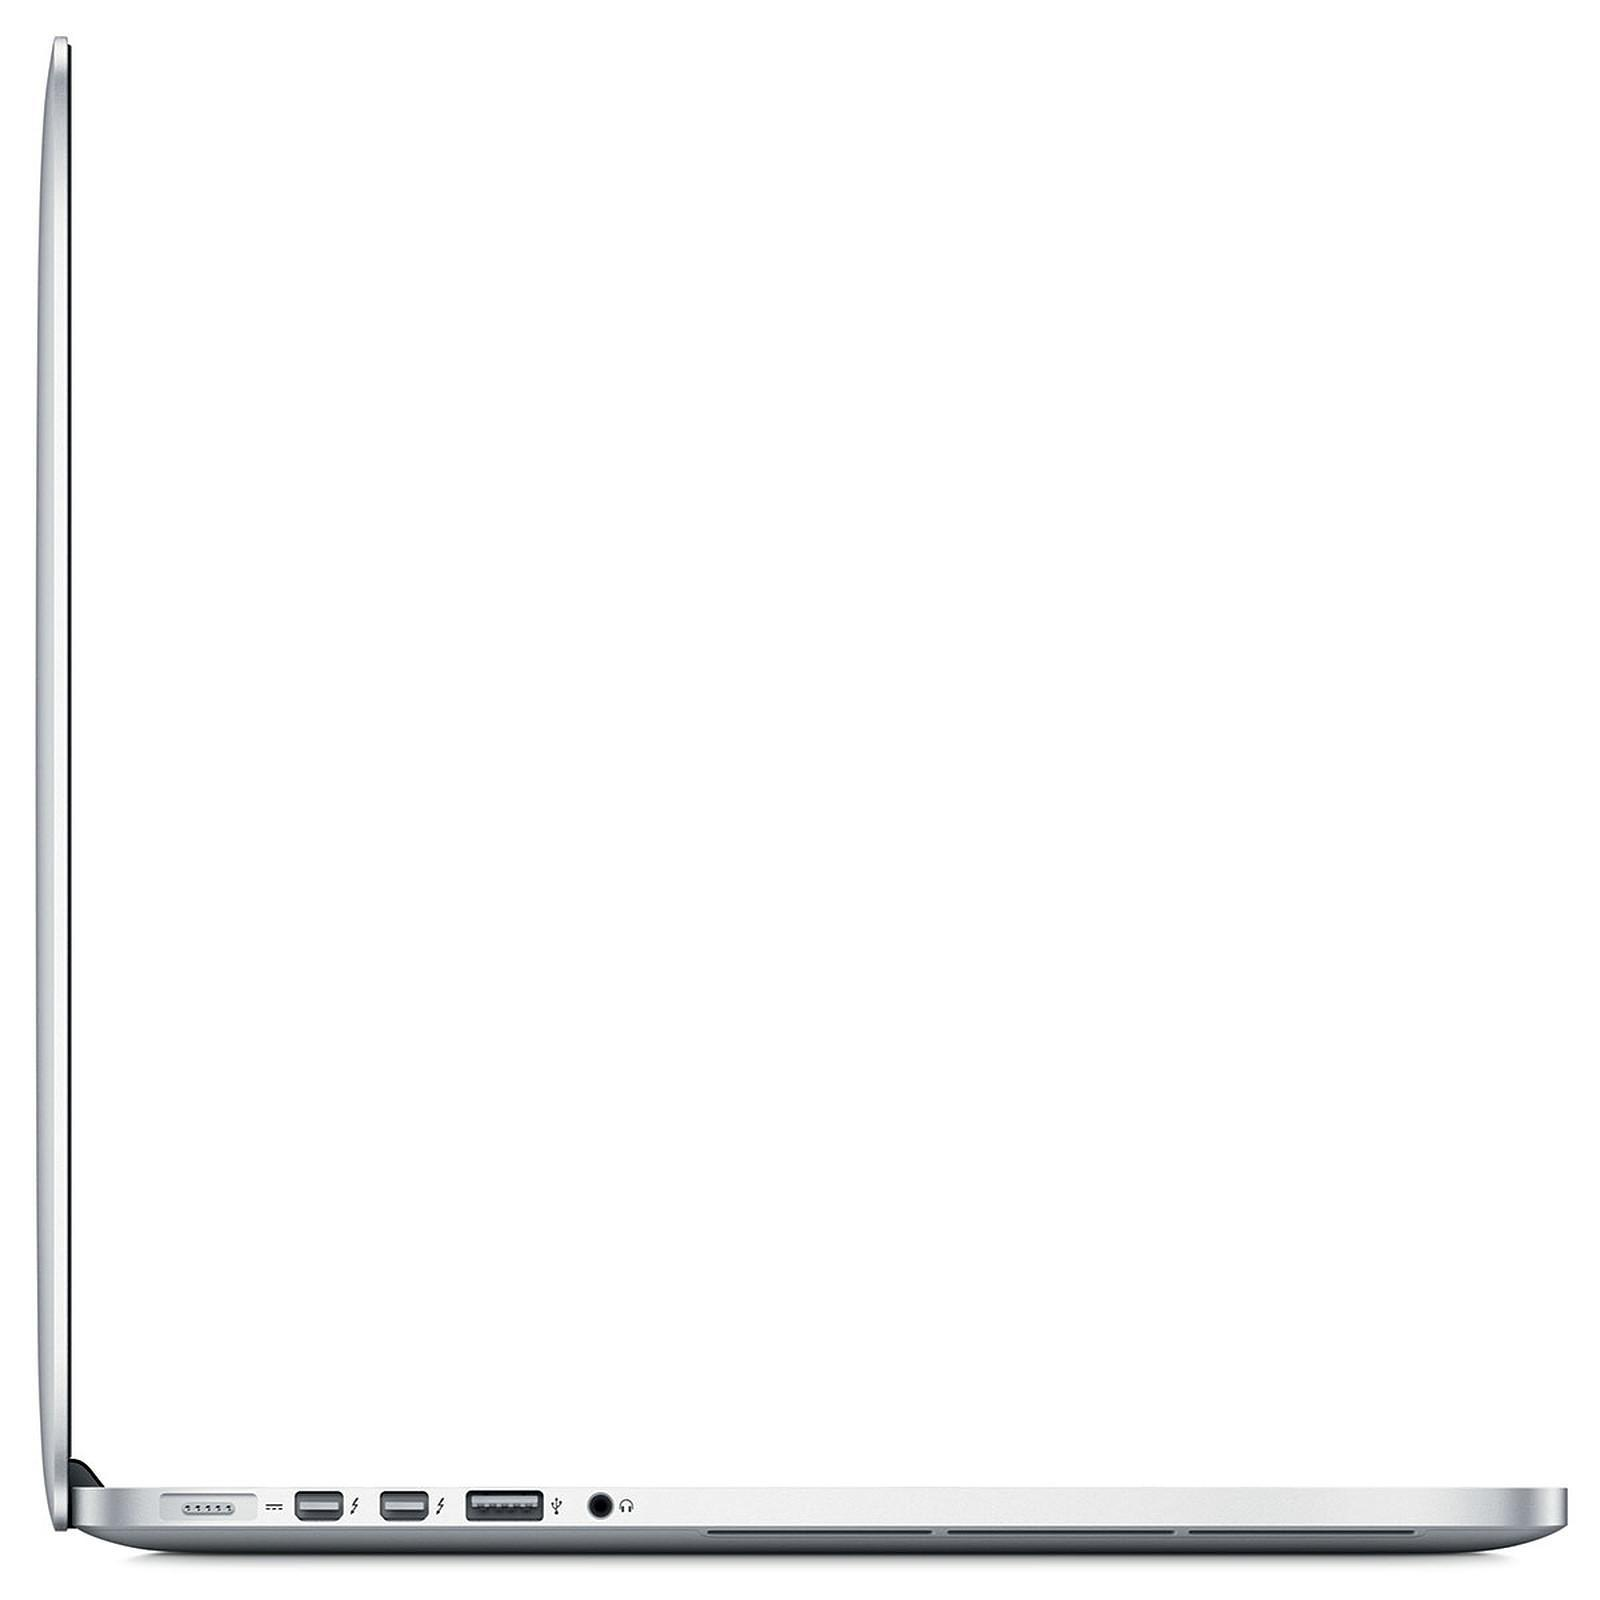 MacBook Pro Retina 15,4-tum (2013) - Core i7 - 16GB - SSD 256 GB QWERTZ - Tyska